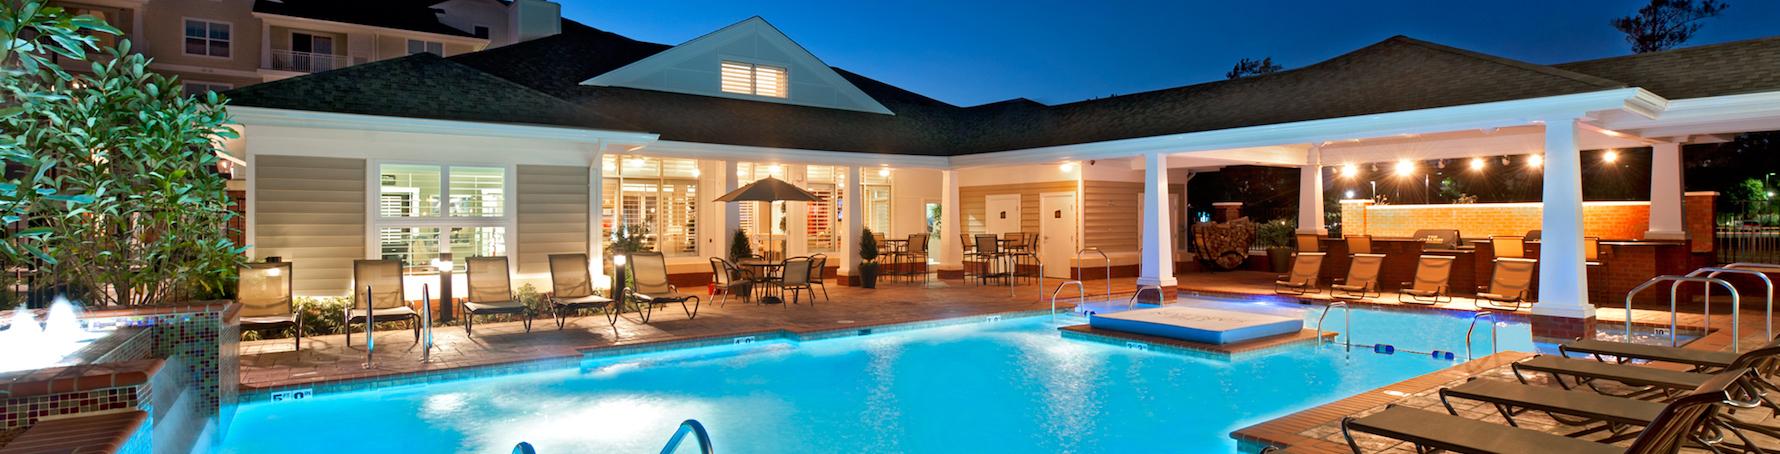 The Carlton at Greenbrier reviews   Apartments at 1501 Carlton Dr - Chesapeake VA